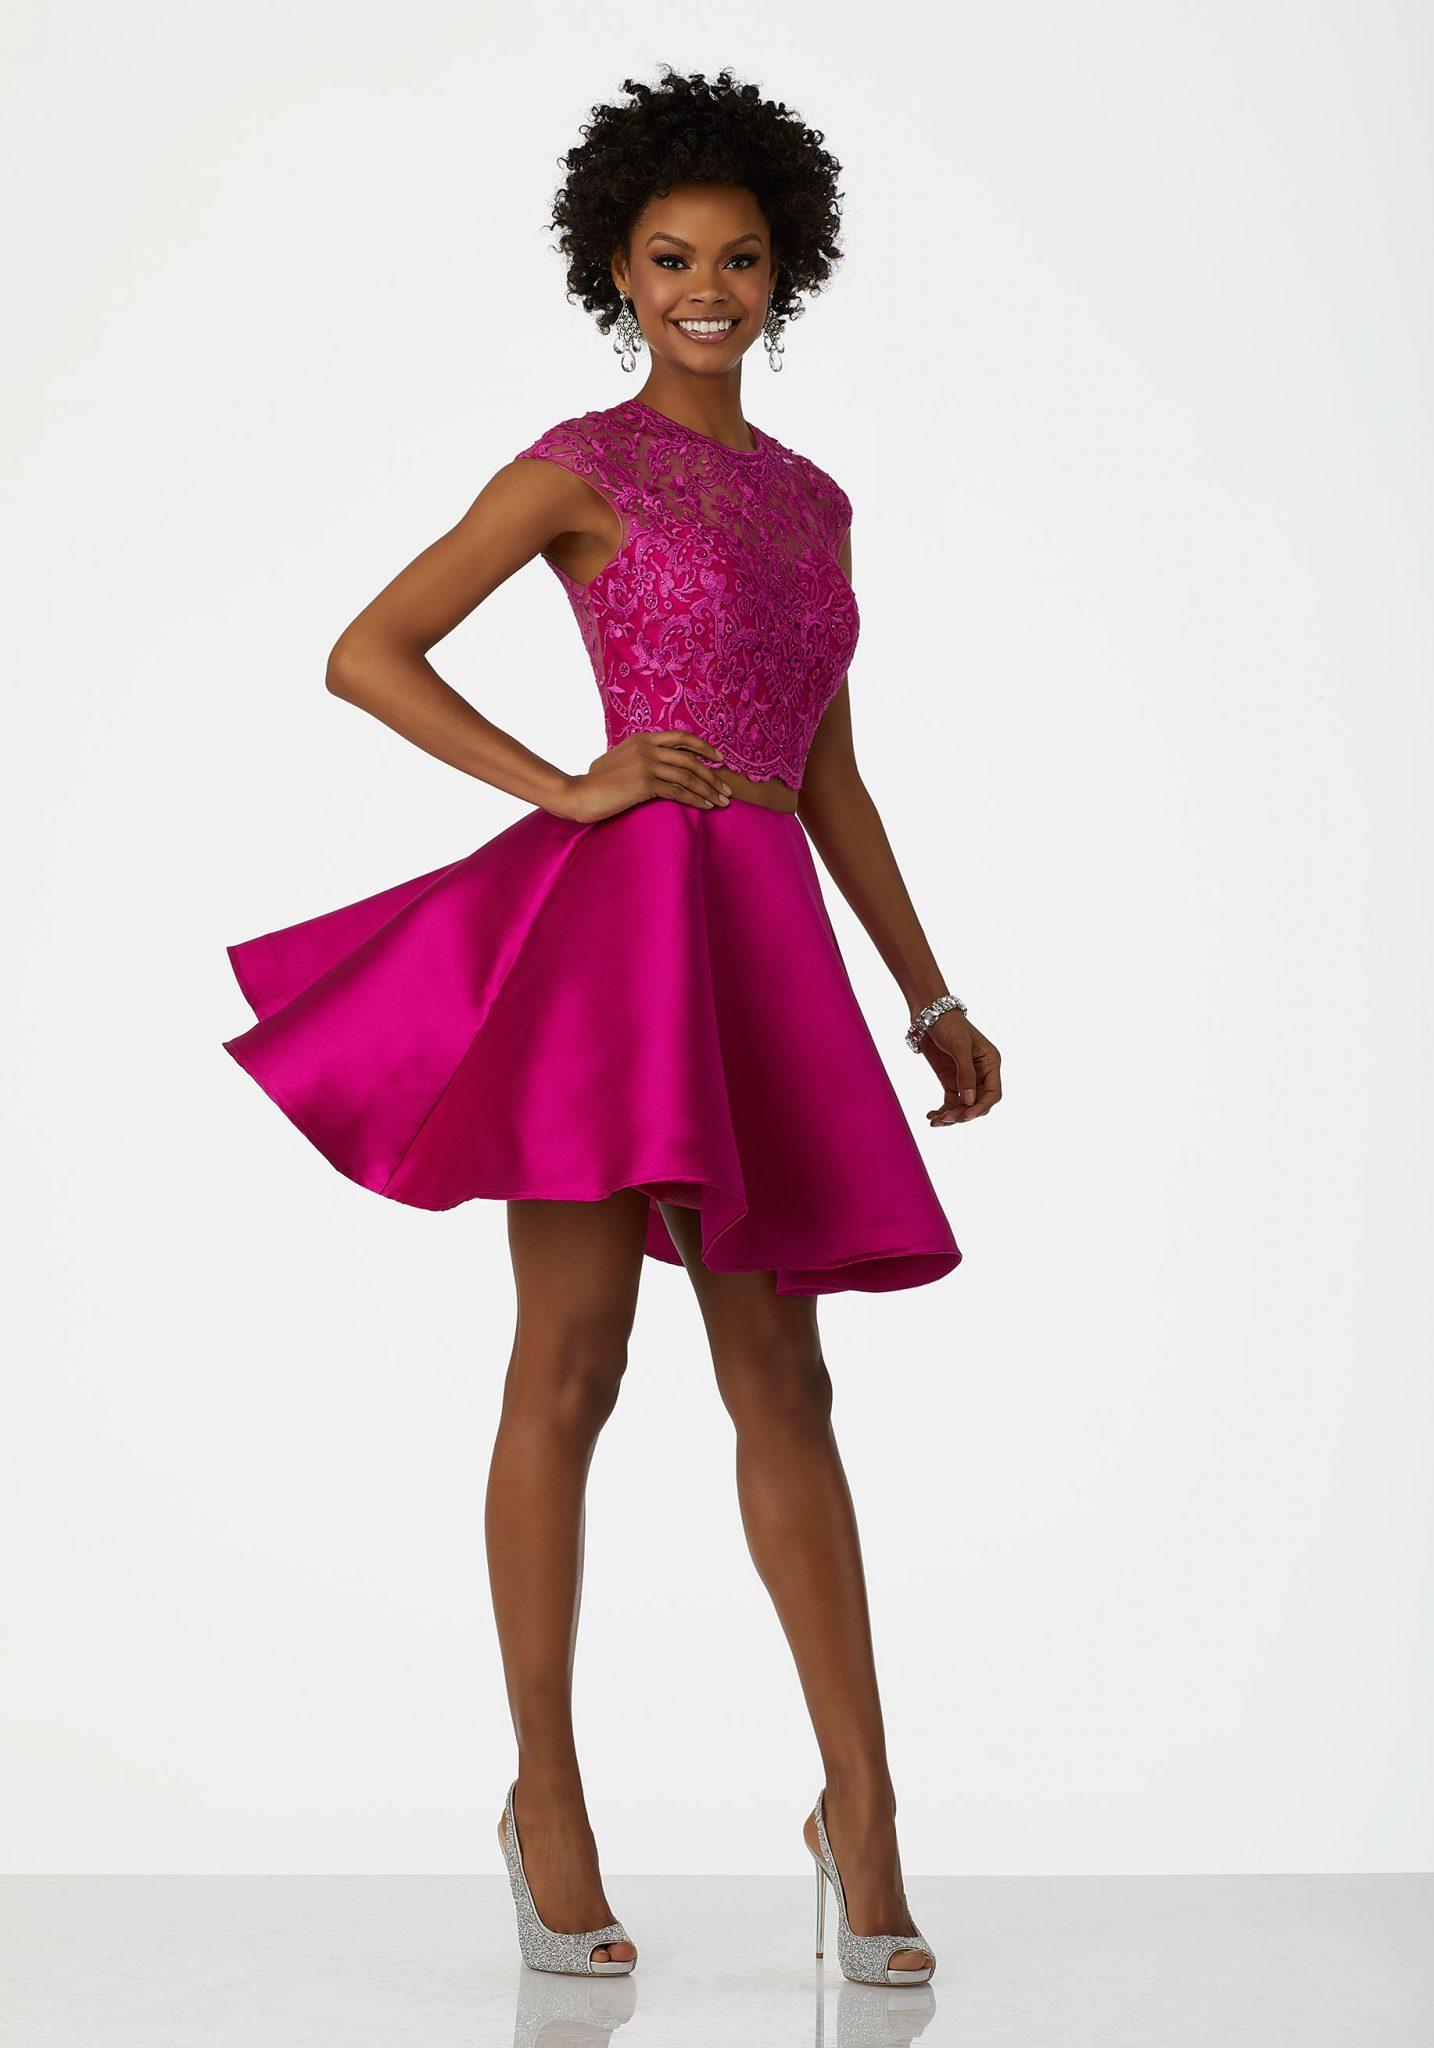 2020 Abiye Elbise Kısa Abiye Modelleri Fuşya Saten İki Parça Boncuk İşlemeli